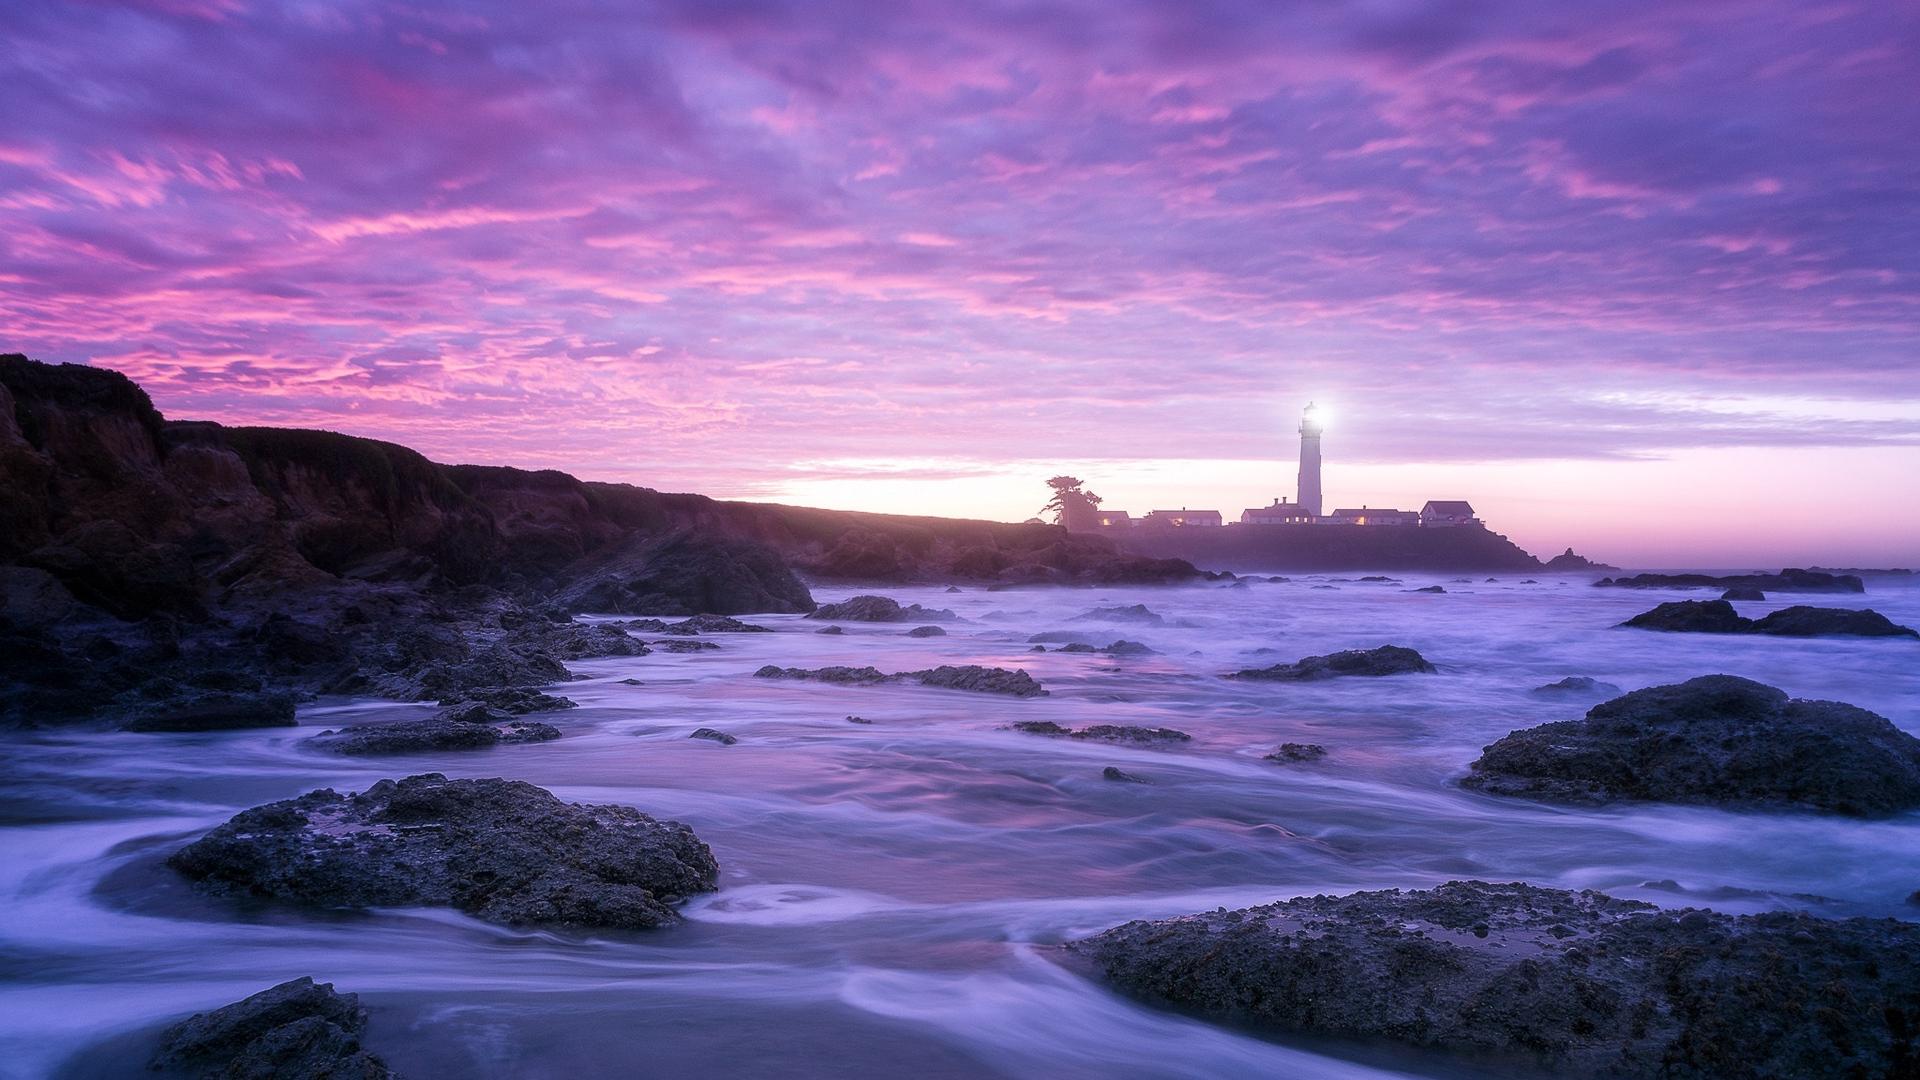 Sfondi Pescadero Viola Rosa Mare Faro Notte Rocce Nuvole